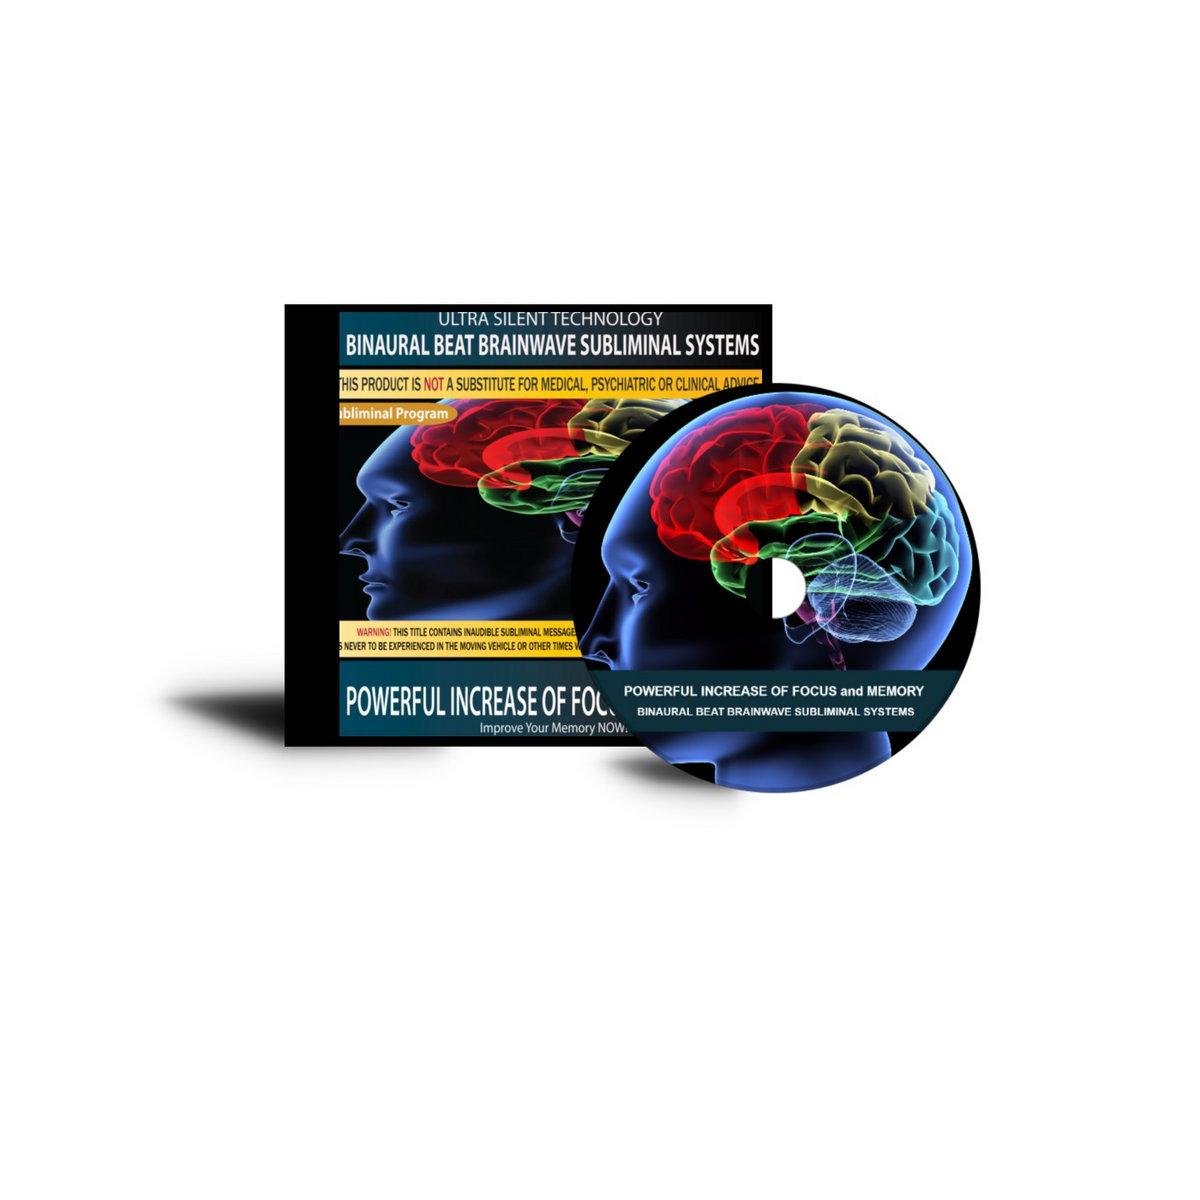 Subliminal Powerful Increase of Focus and Memory | Binaural Beat